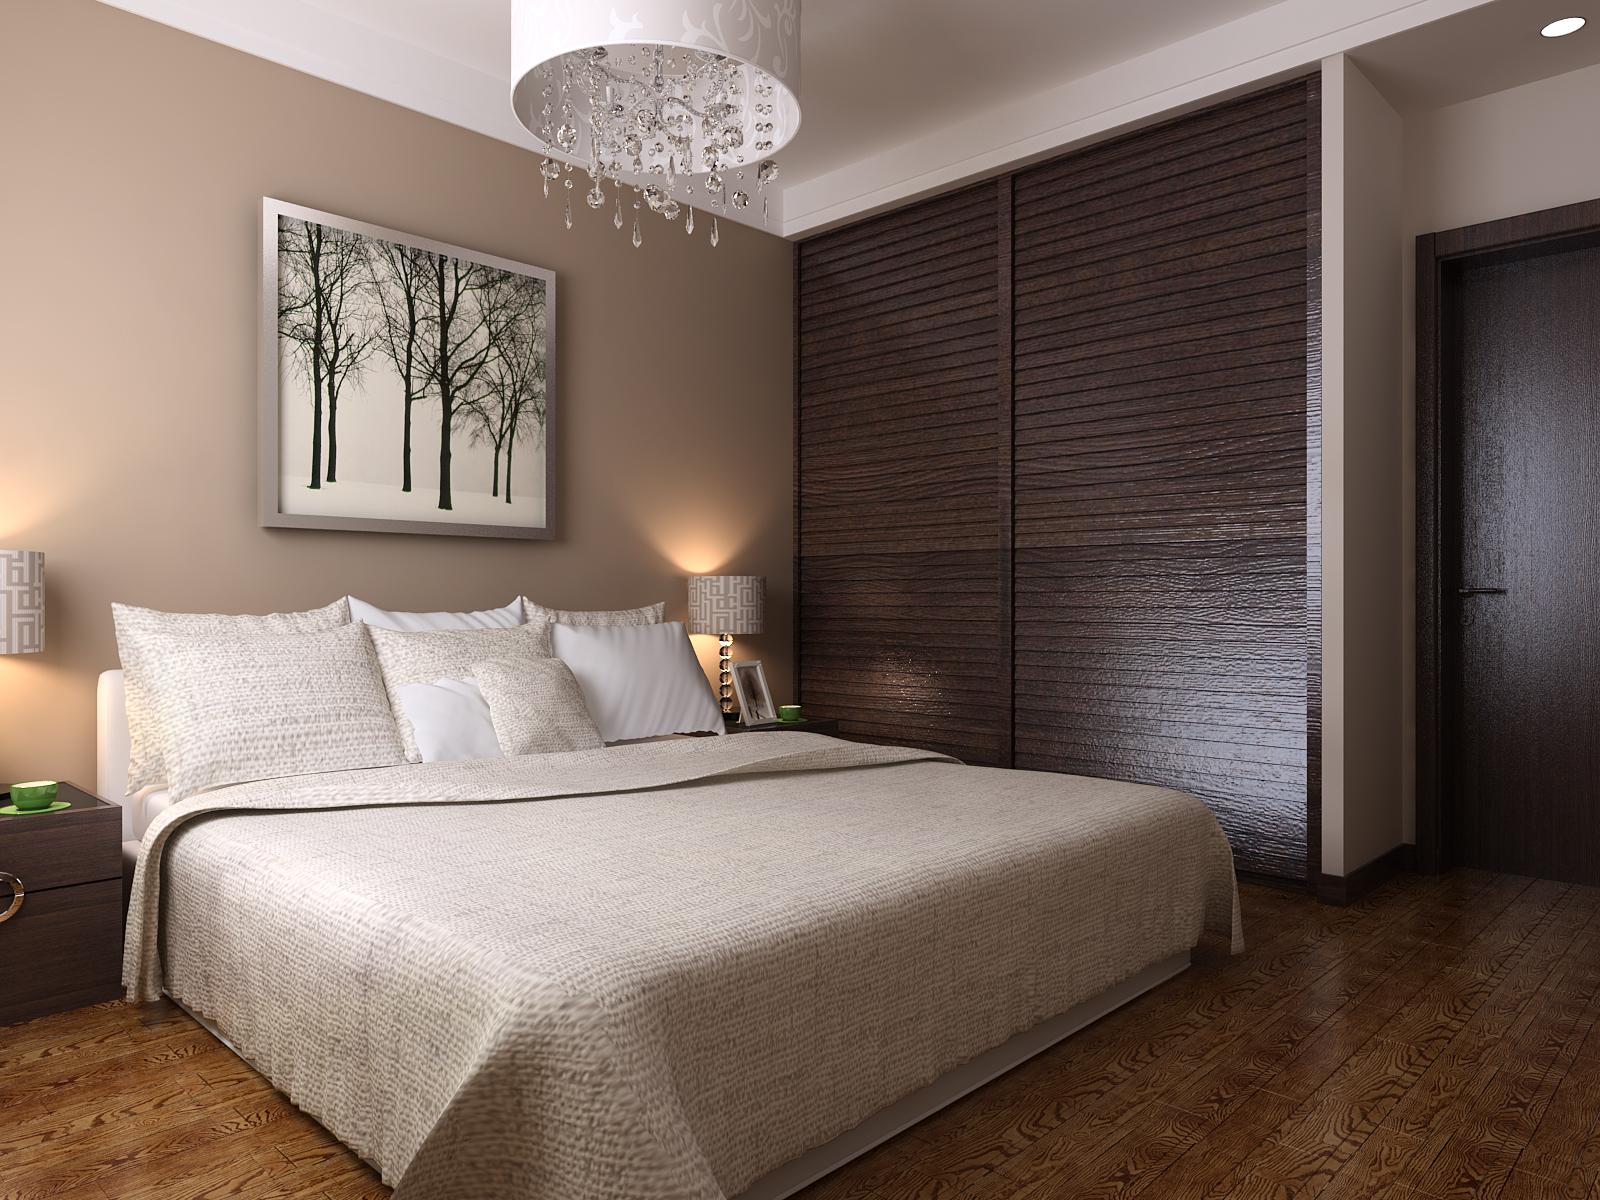 二居 青岛装修 装修公司 卧室图片来自青岛威廉装饰在保利里院里新中式设计的分享